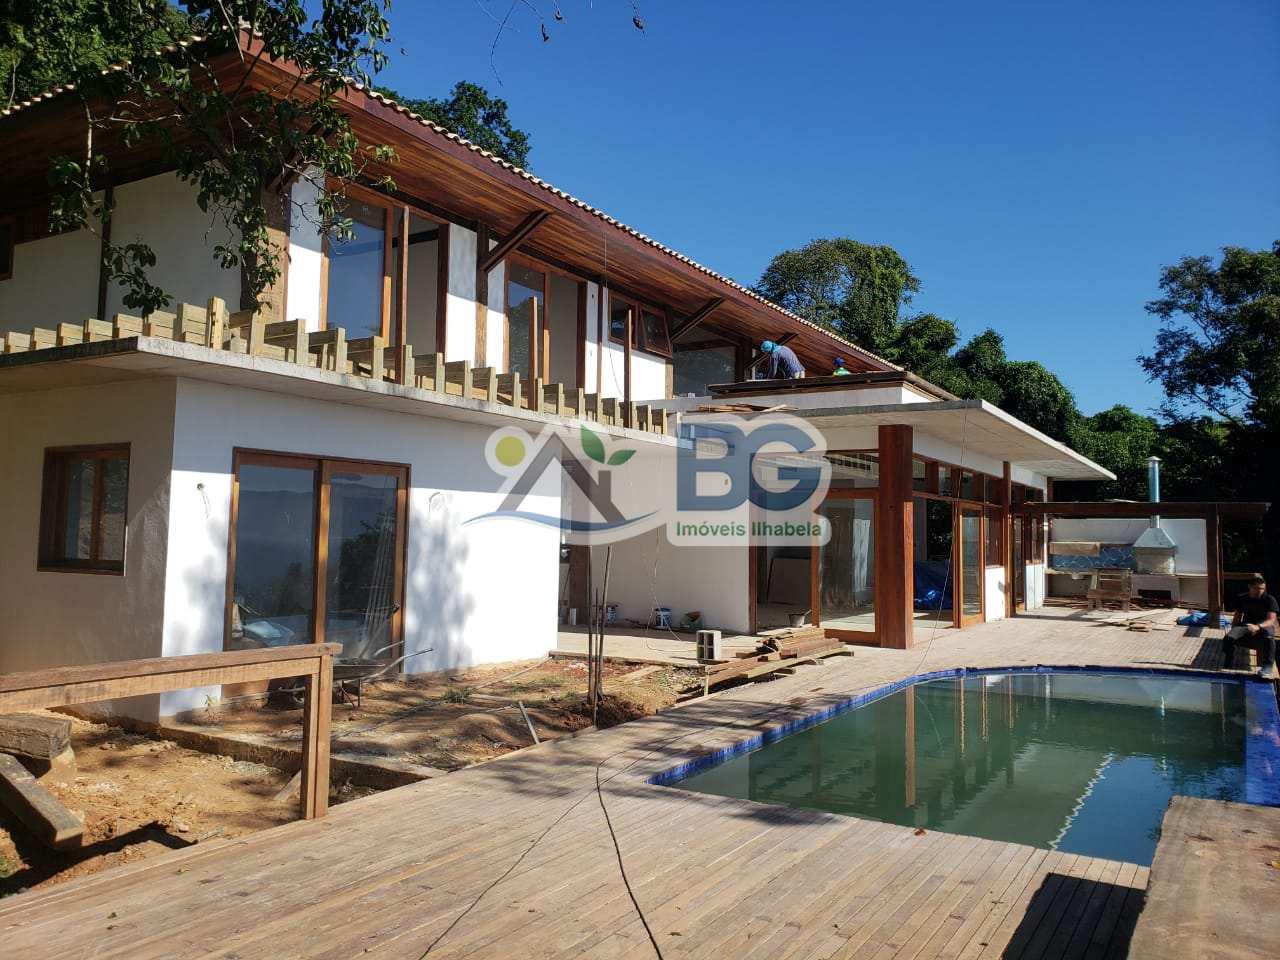 Casa em Ilhabela em condominio, nova com linda vista para o mar